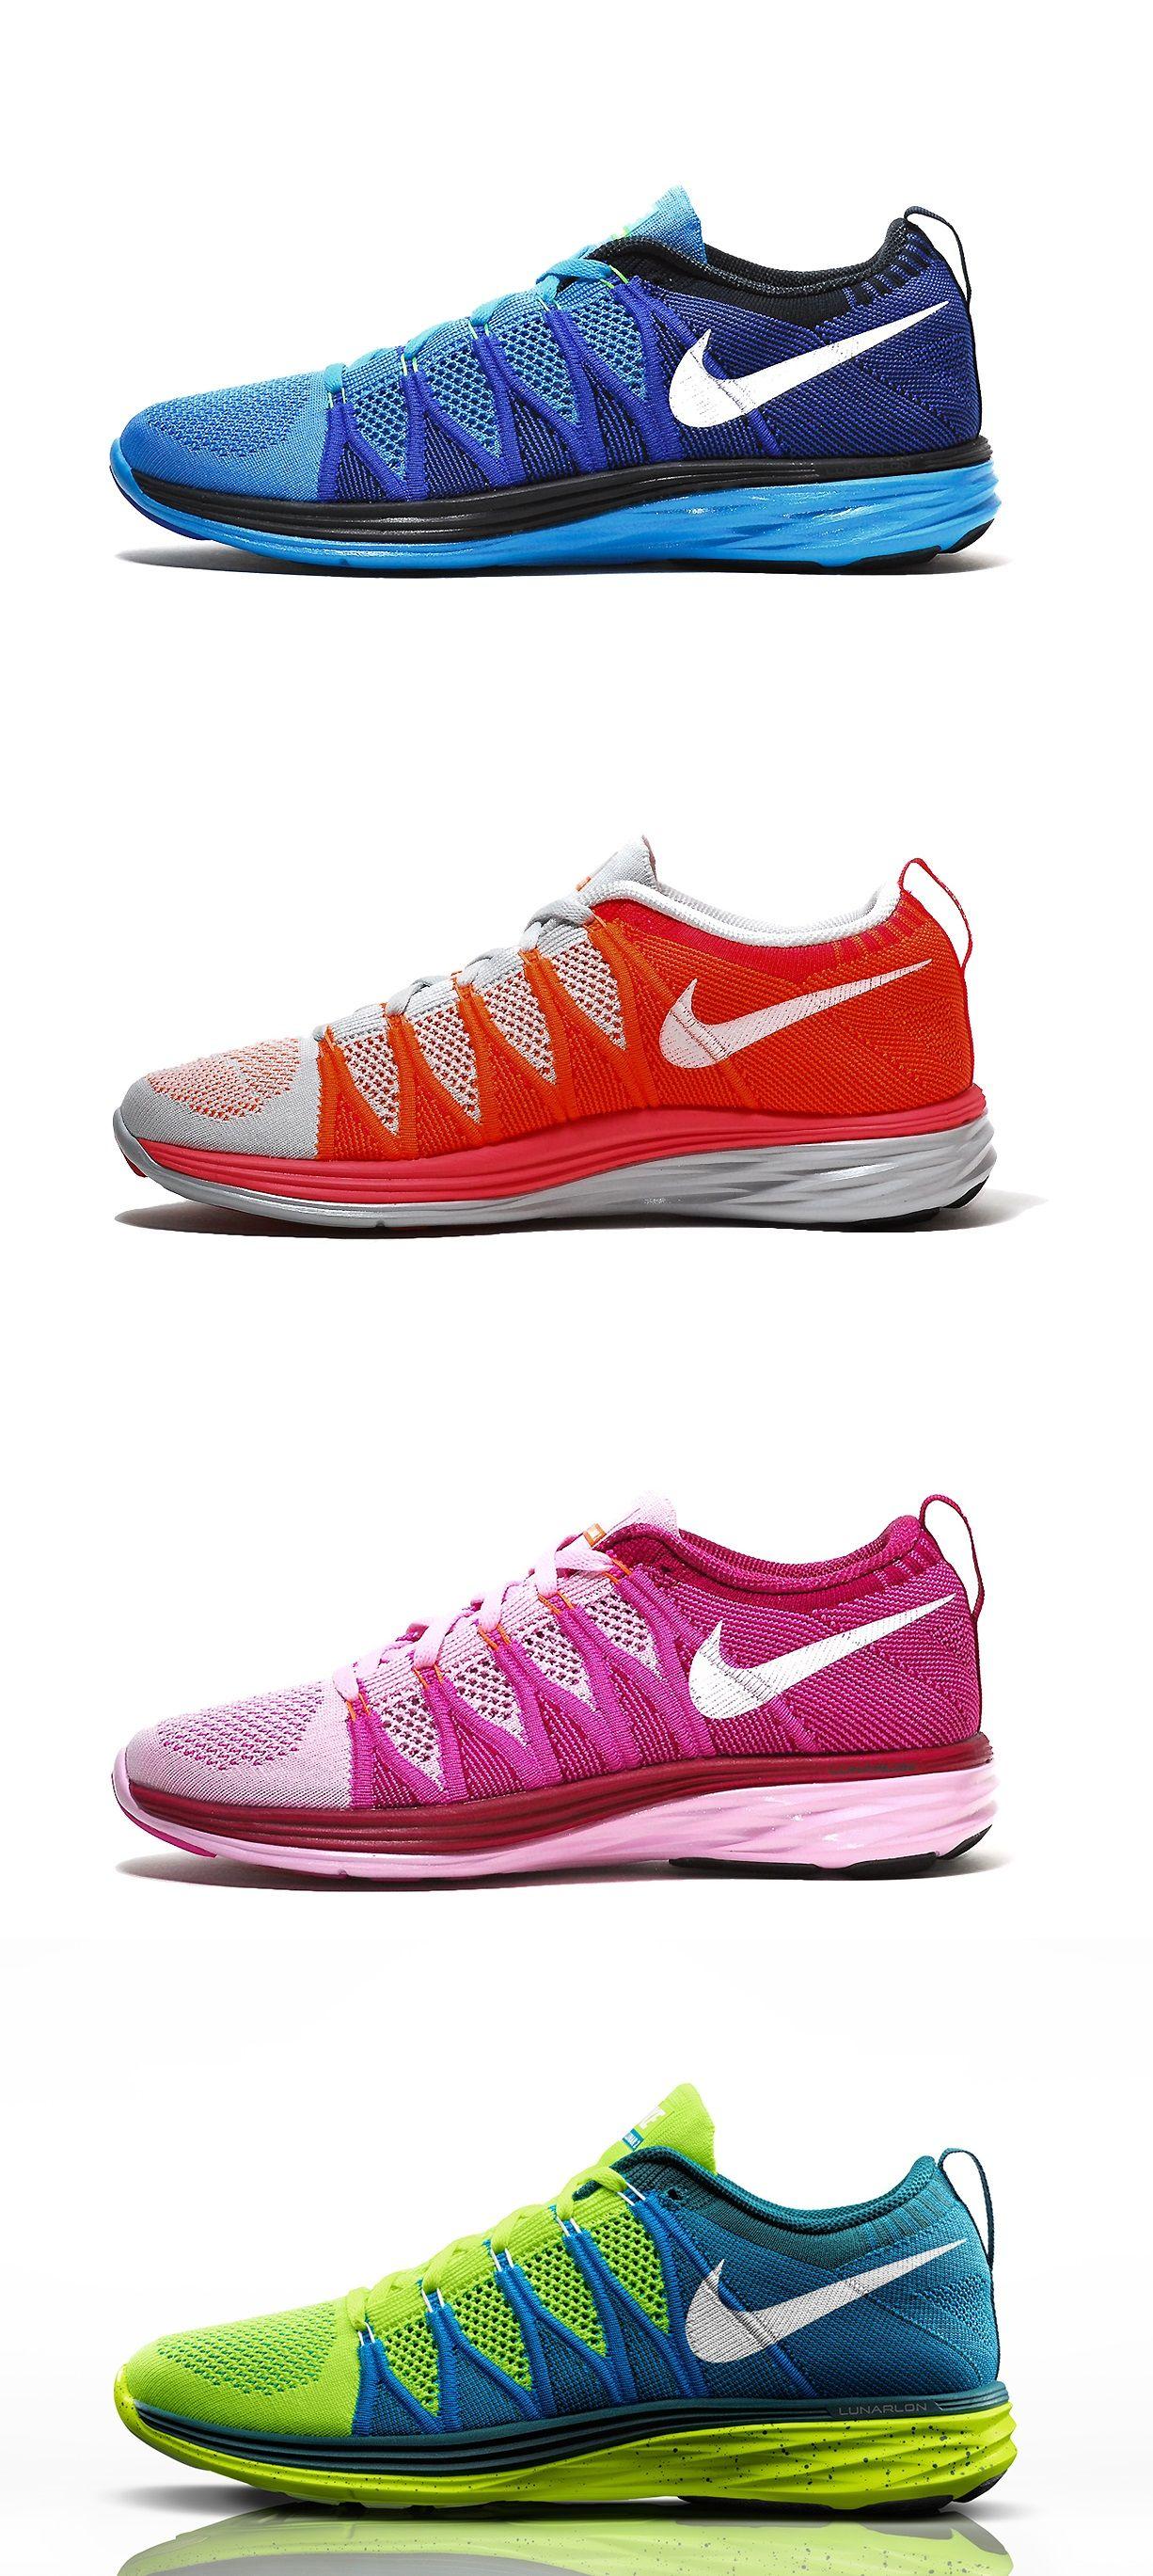 innovative design 16576 9328f Nike Flyknit Lunar 2